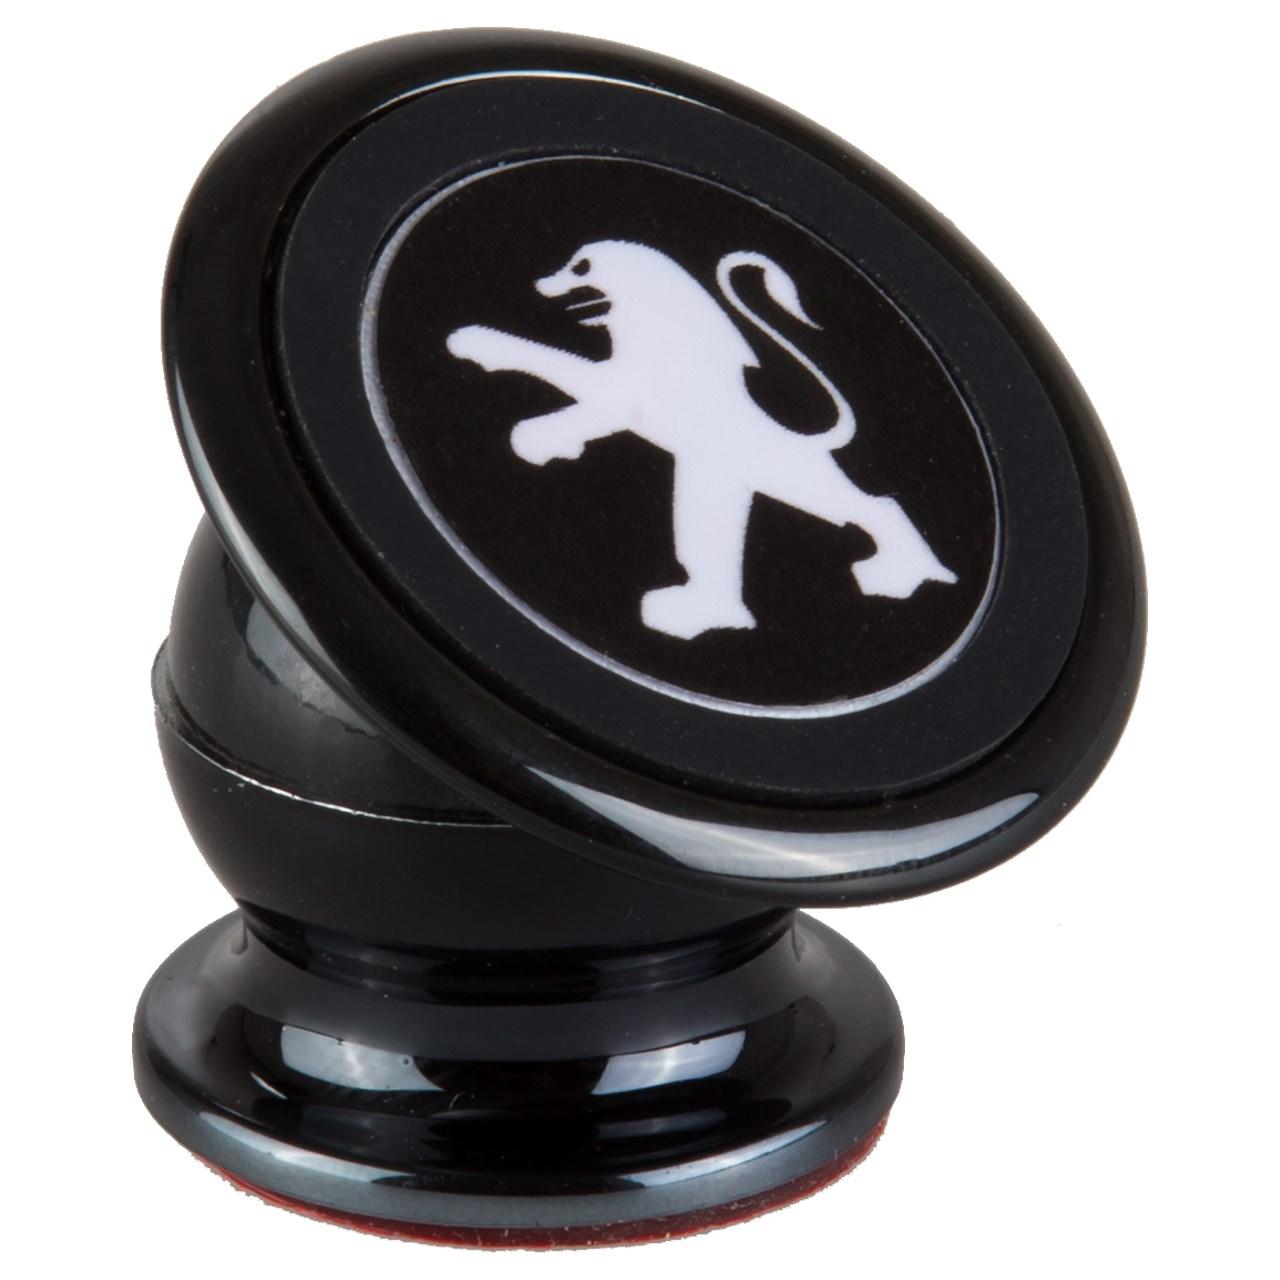 پایه نگهدارنده گوشی موبایل براکت مدل Peugeot